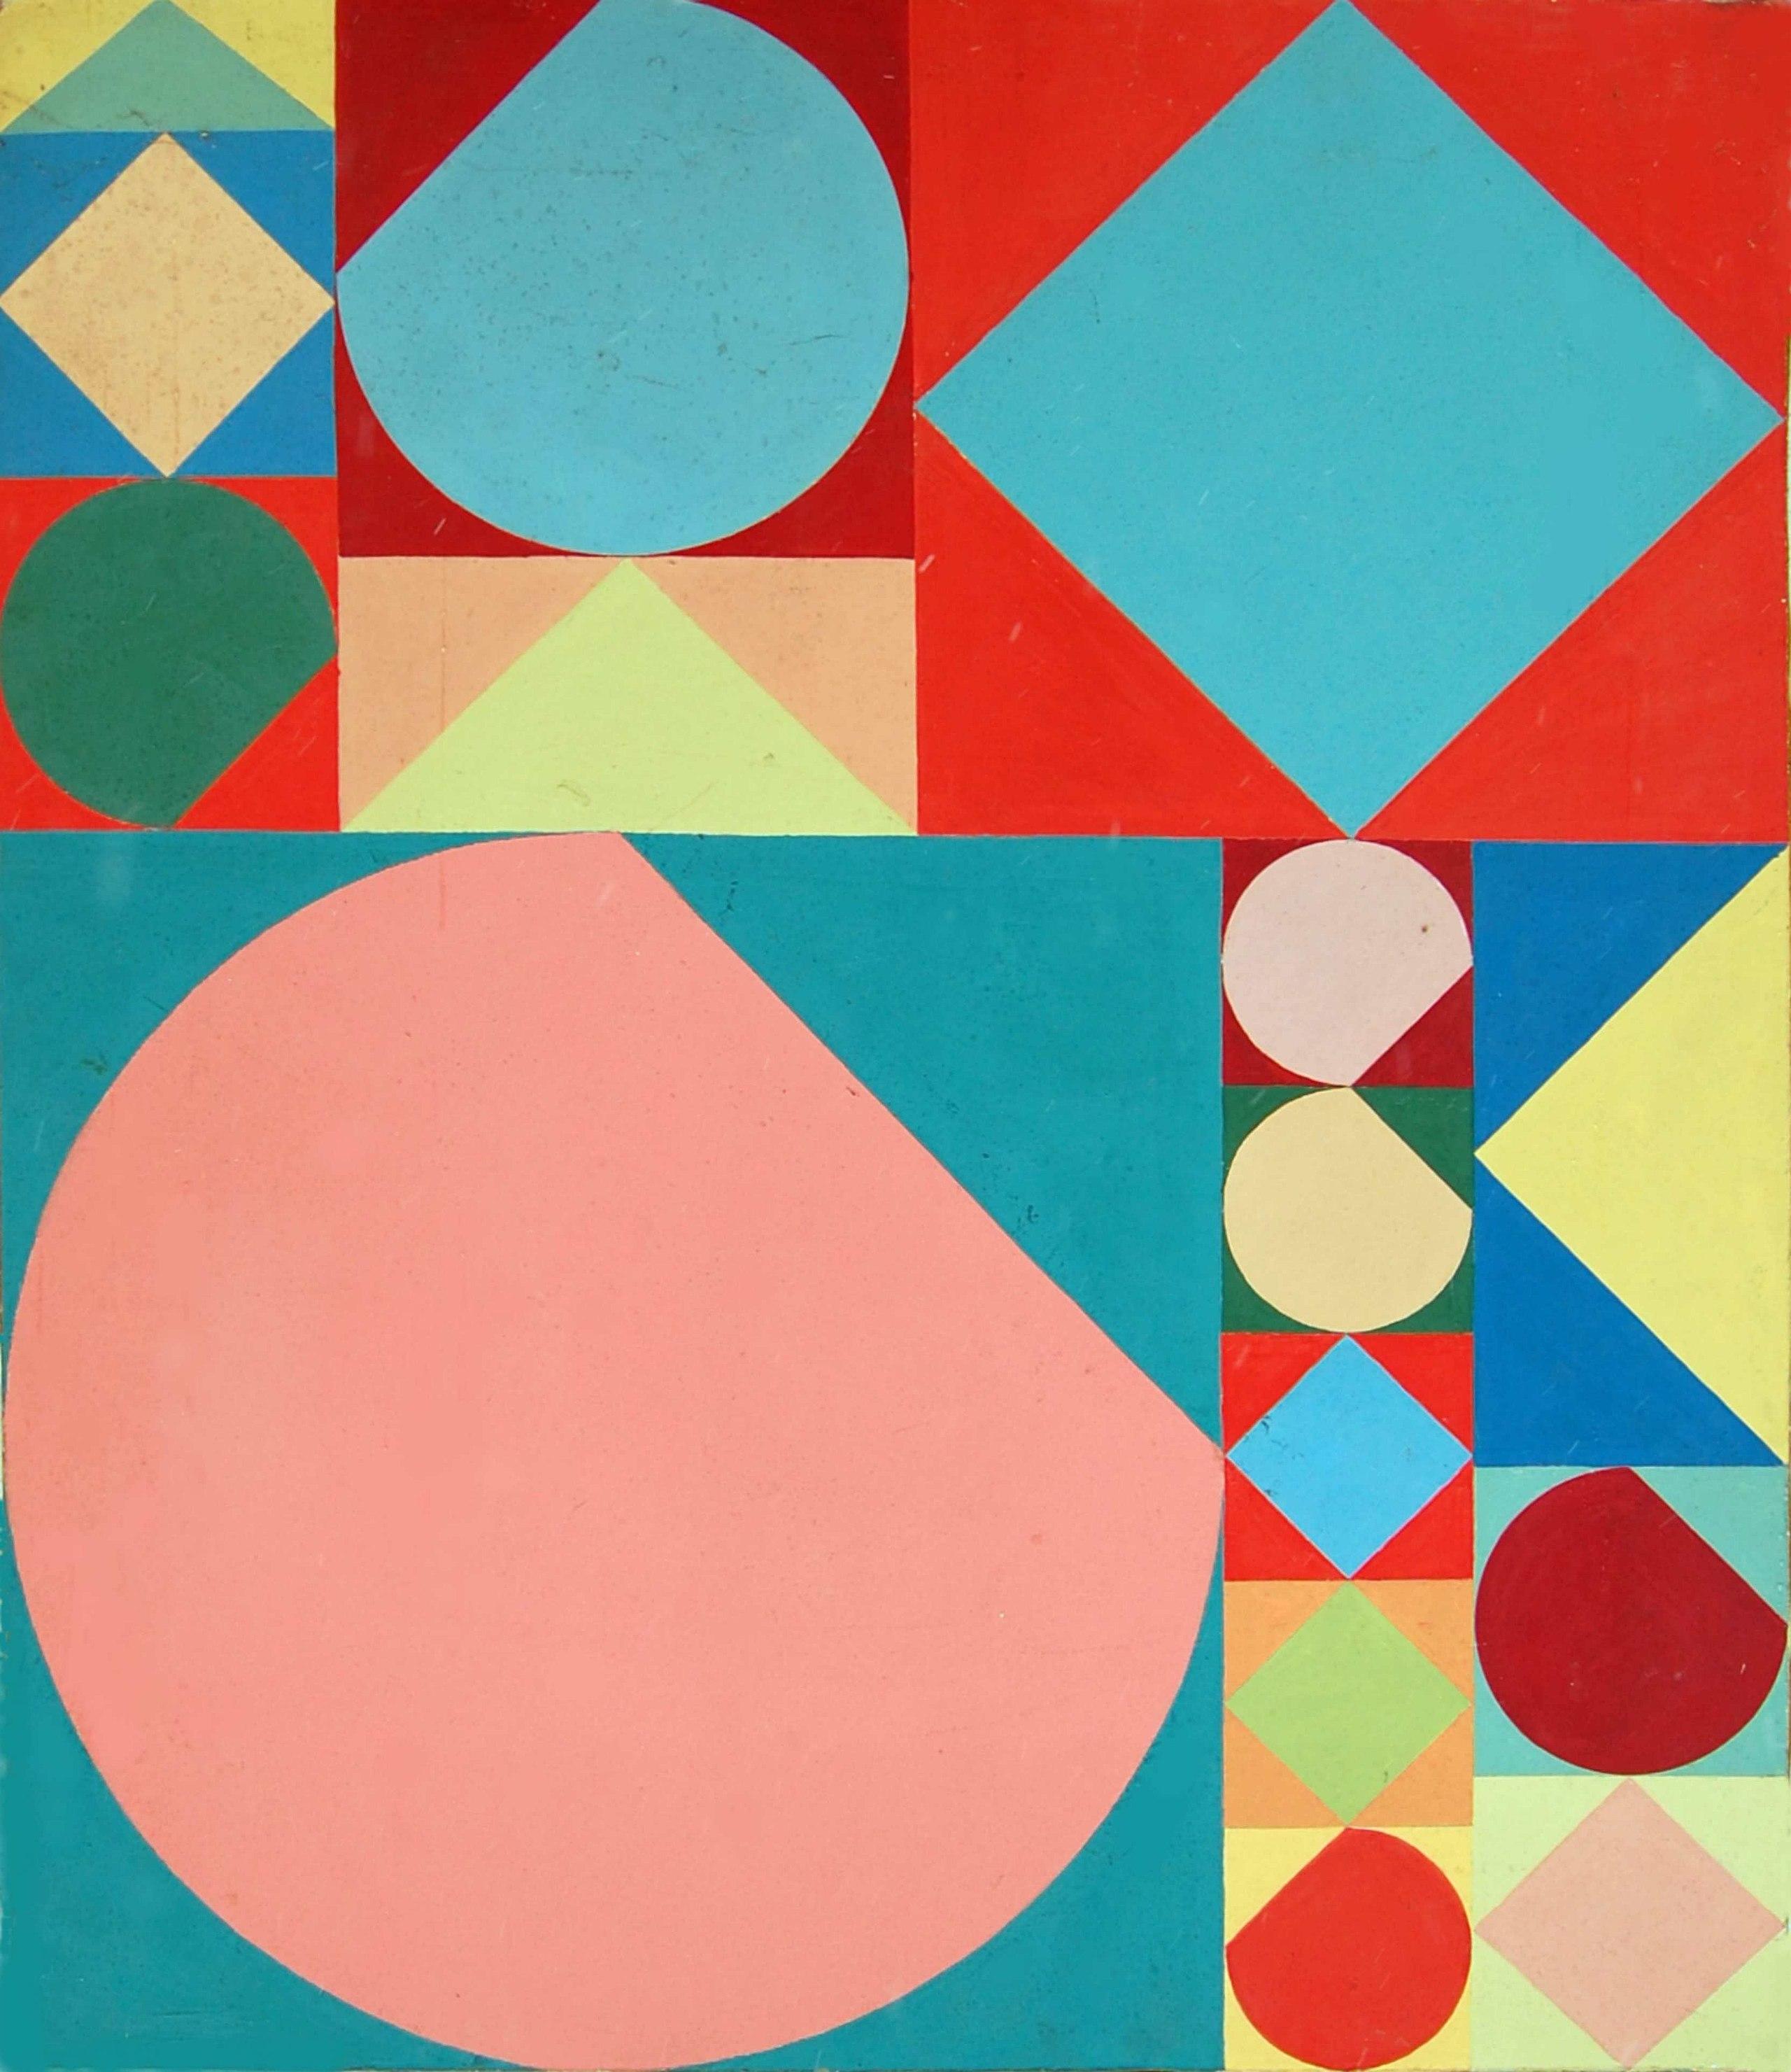 Prisma Geometria Wikipedia Entziklopedia Askea - Www imagez co